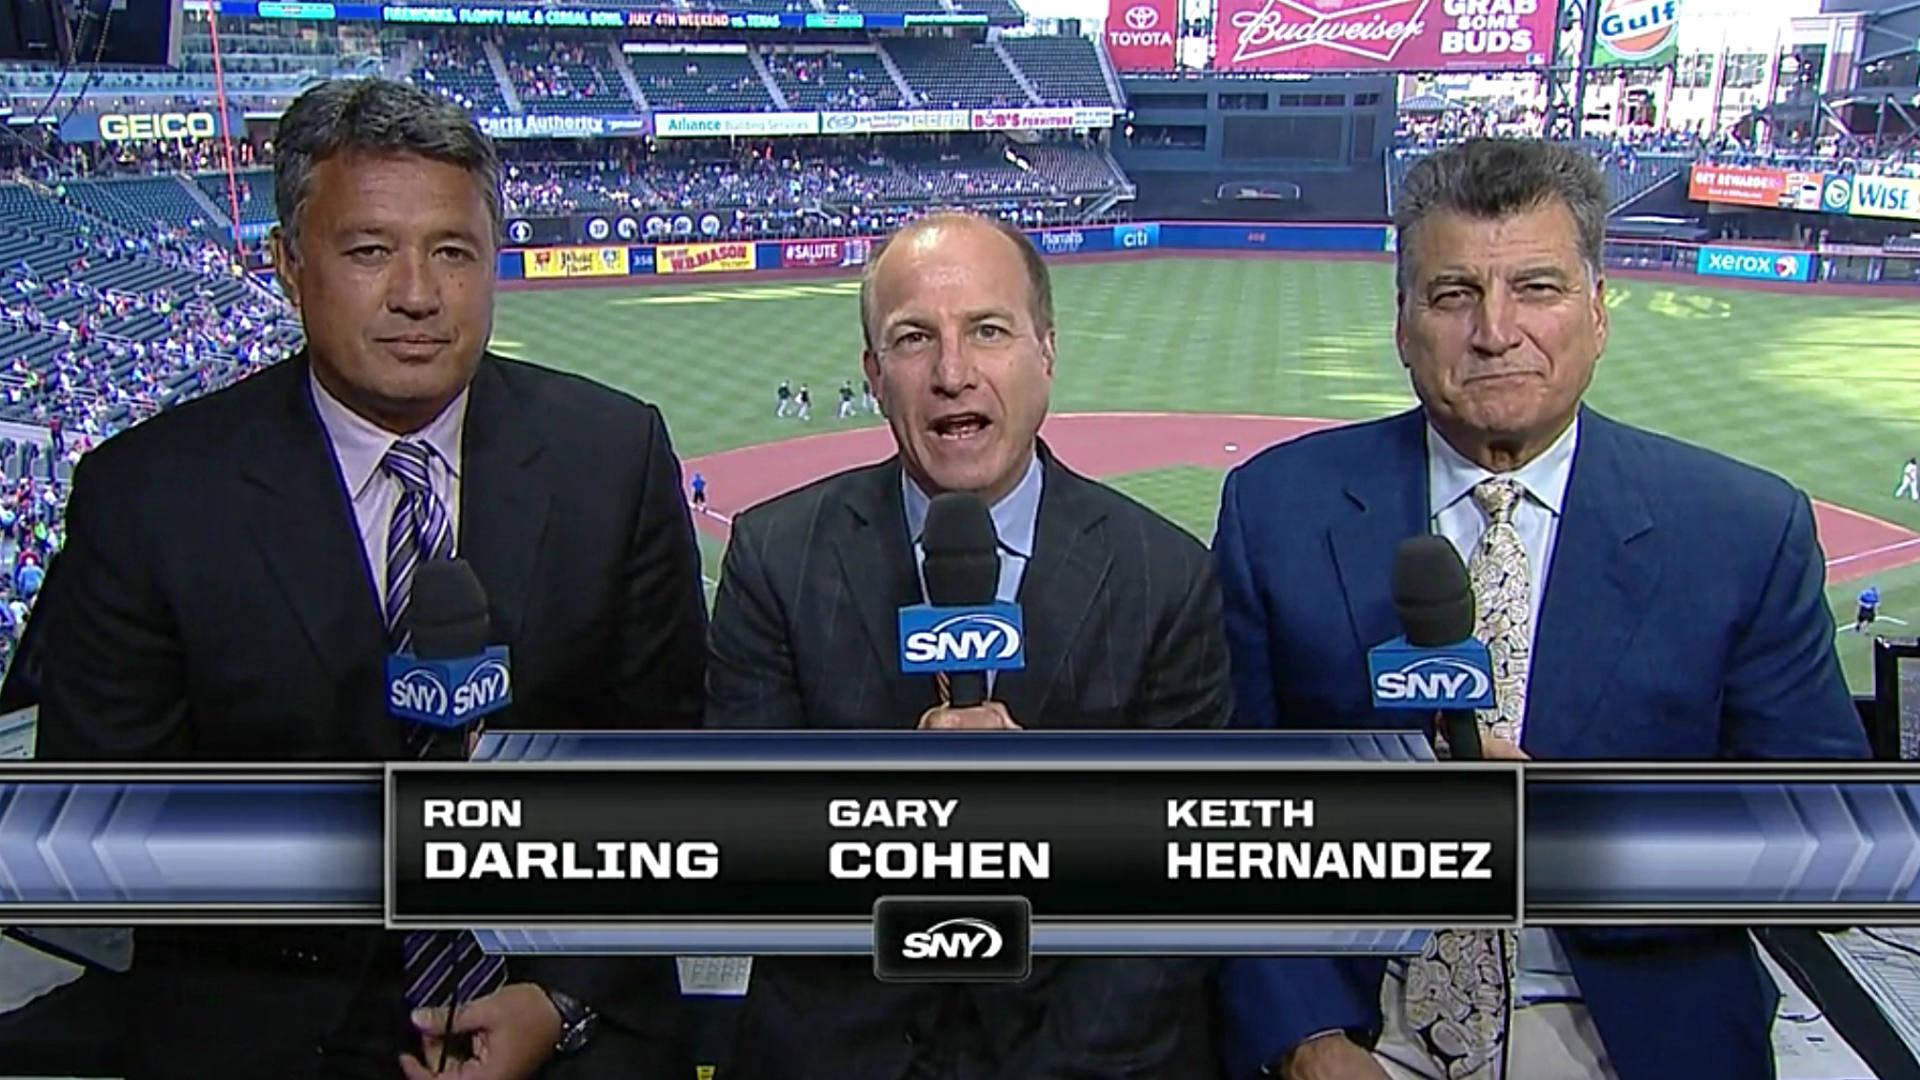 Darling-Cohen-Hernandez-SNY-FTR.jpg